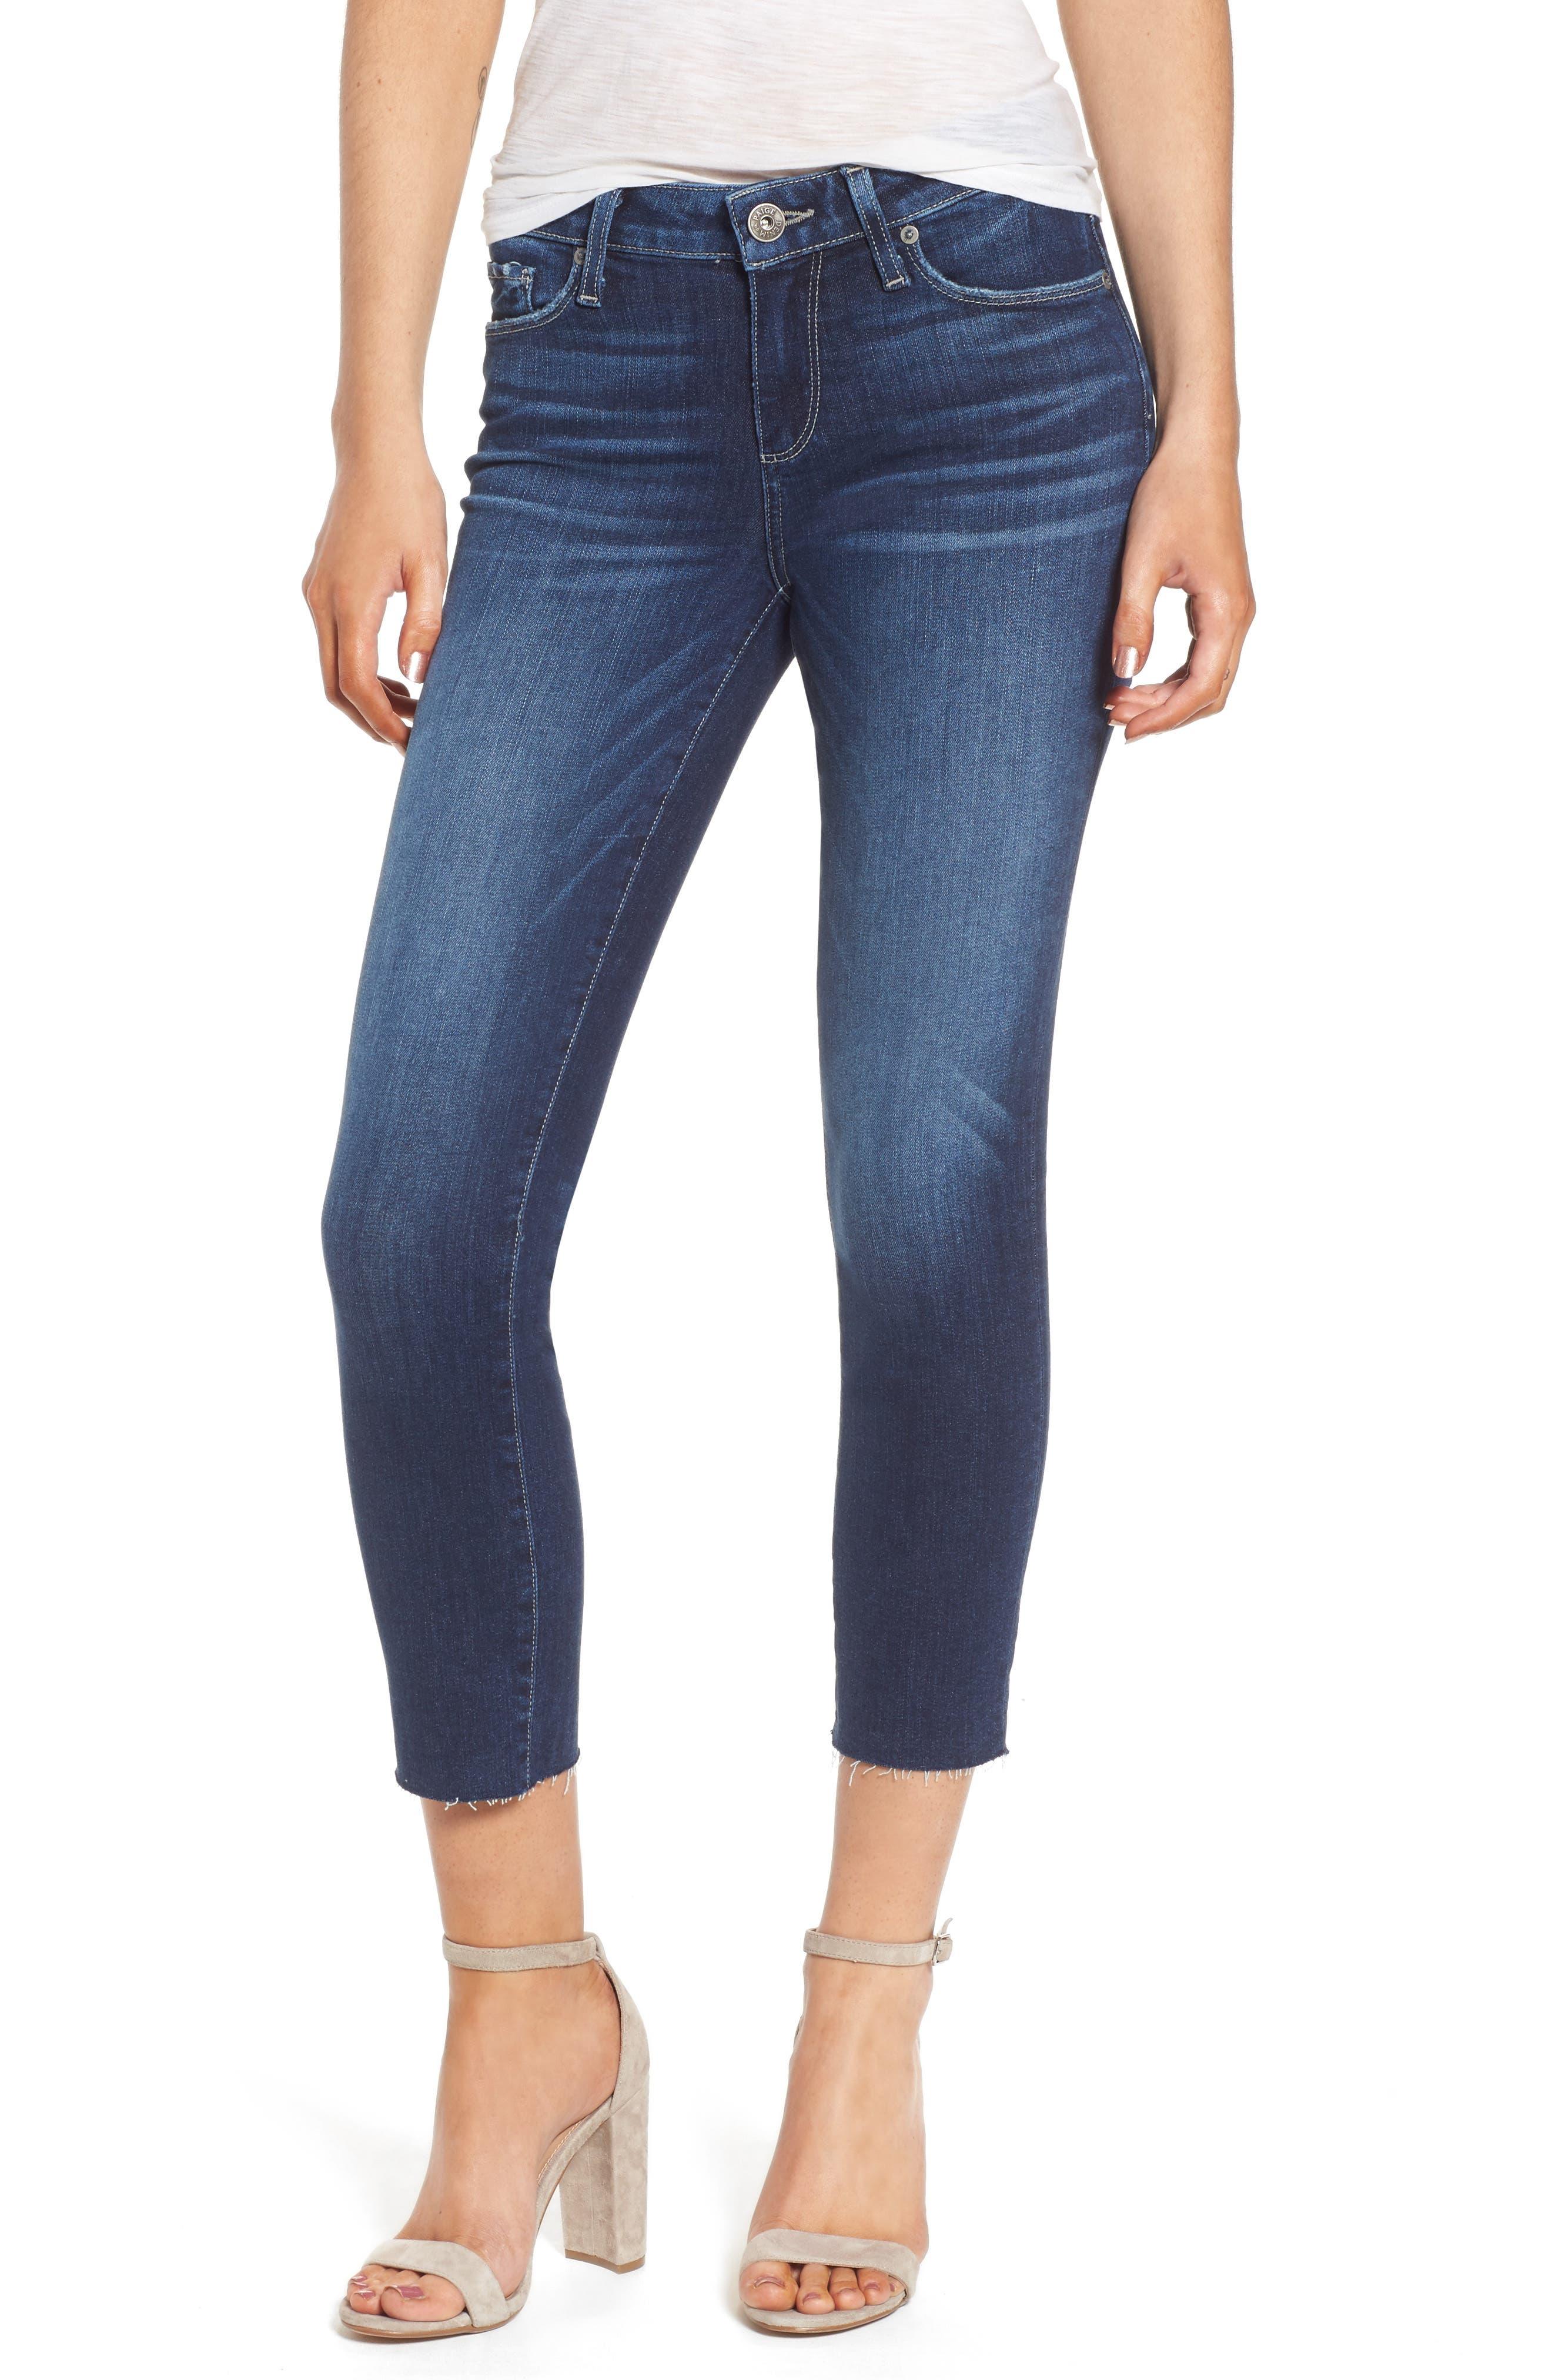 Transcend - Skyline Crop Skinny Jeans,                         Main,                         color, Kylen